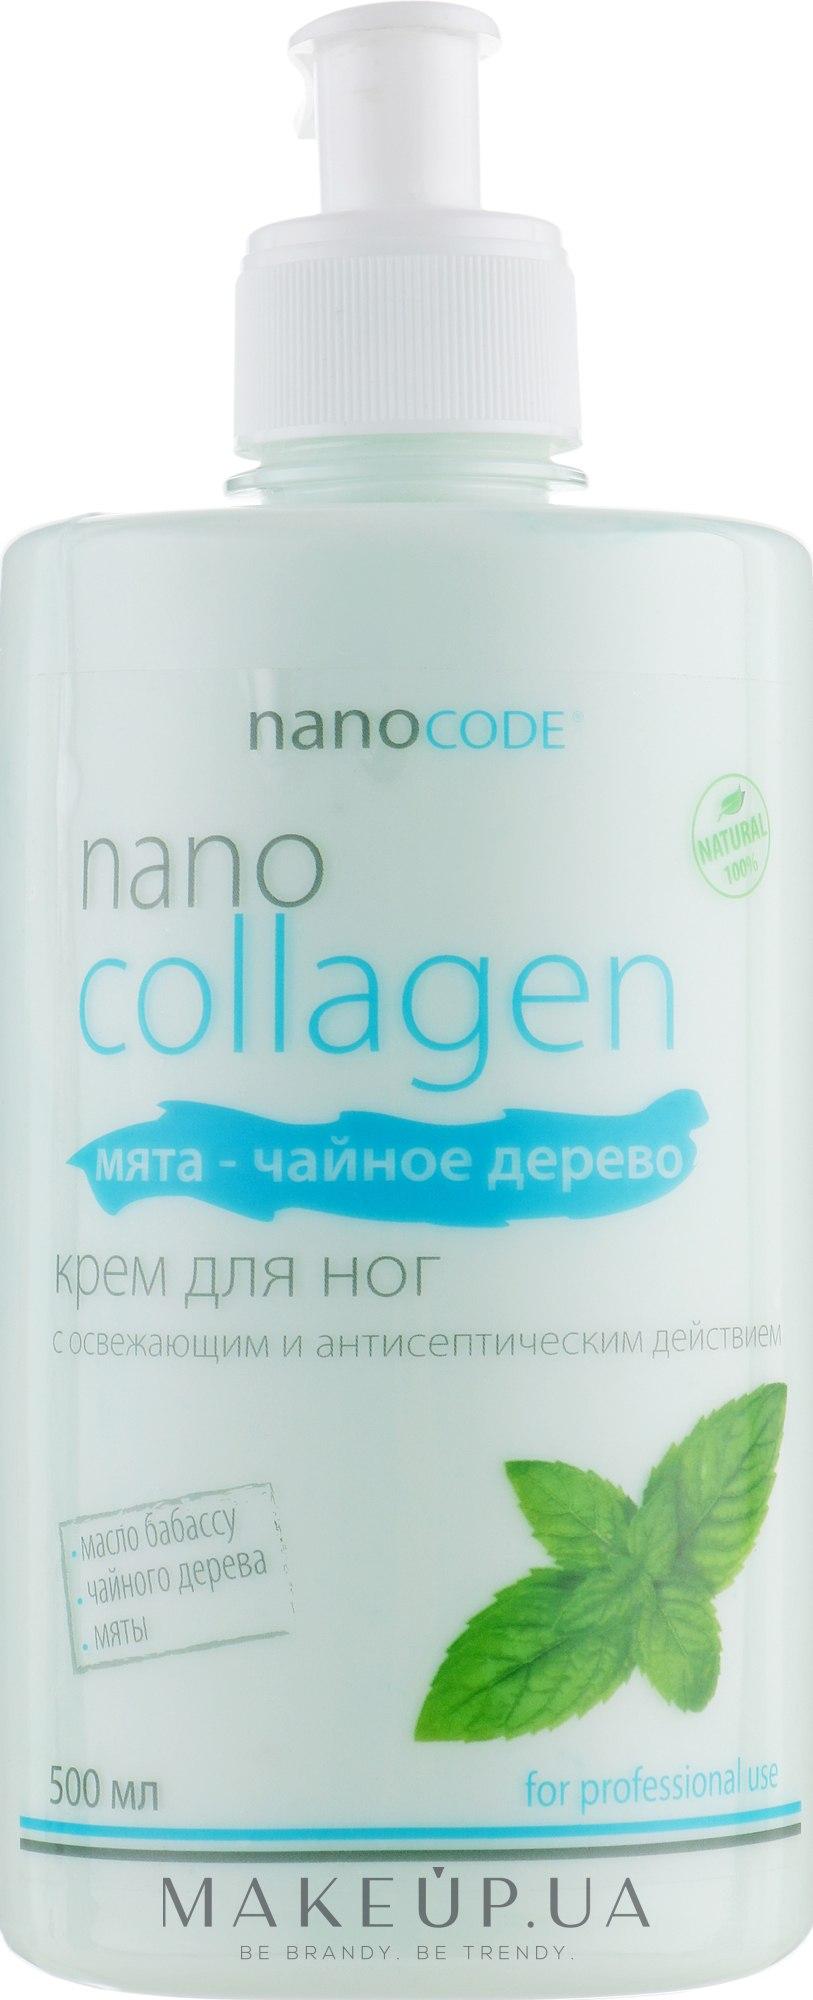 Крем для ніг - NanoCode NanoCollagen — фото 500ml